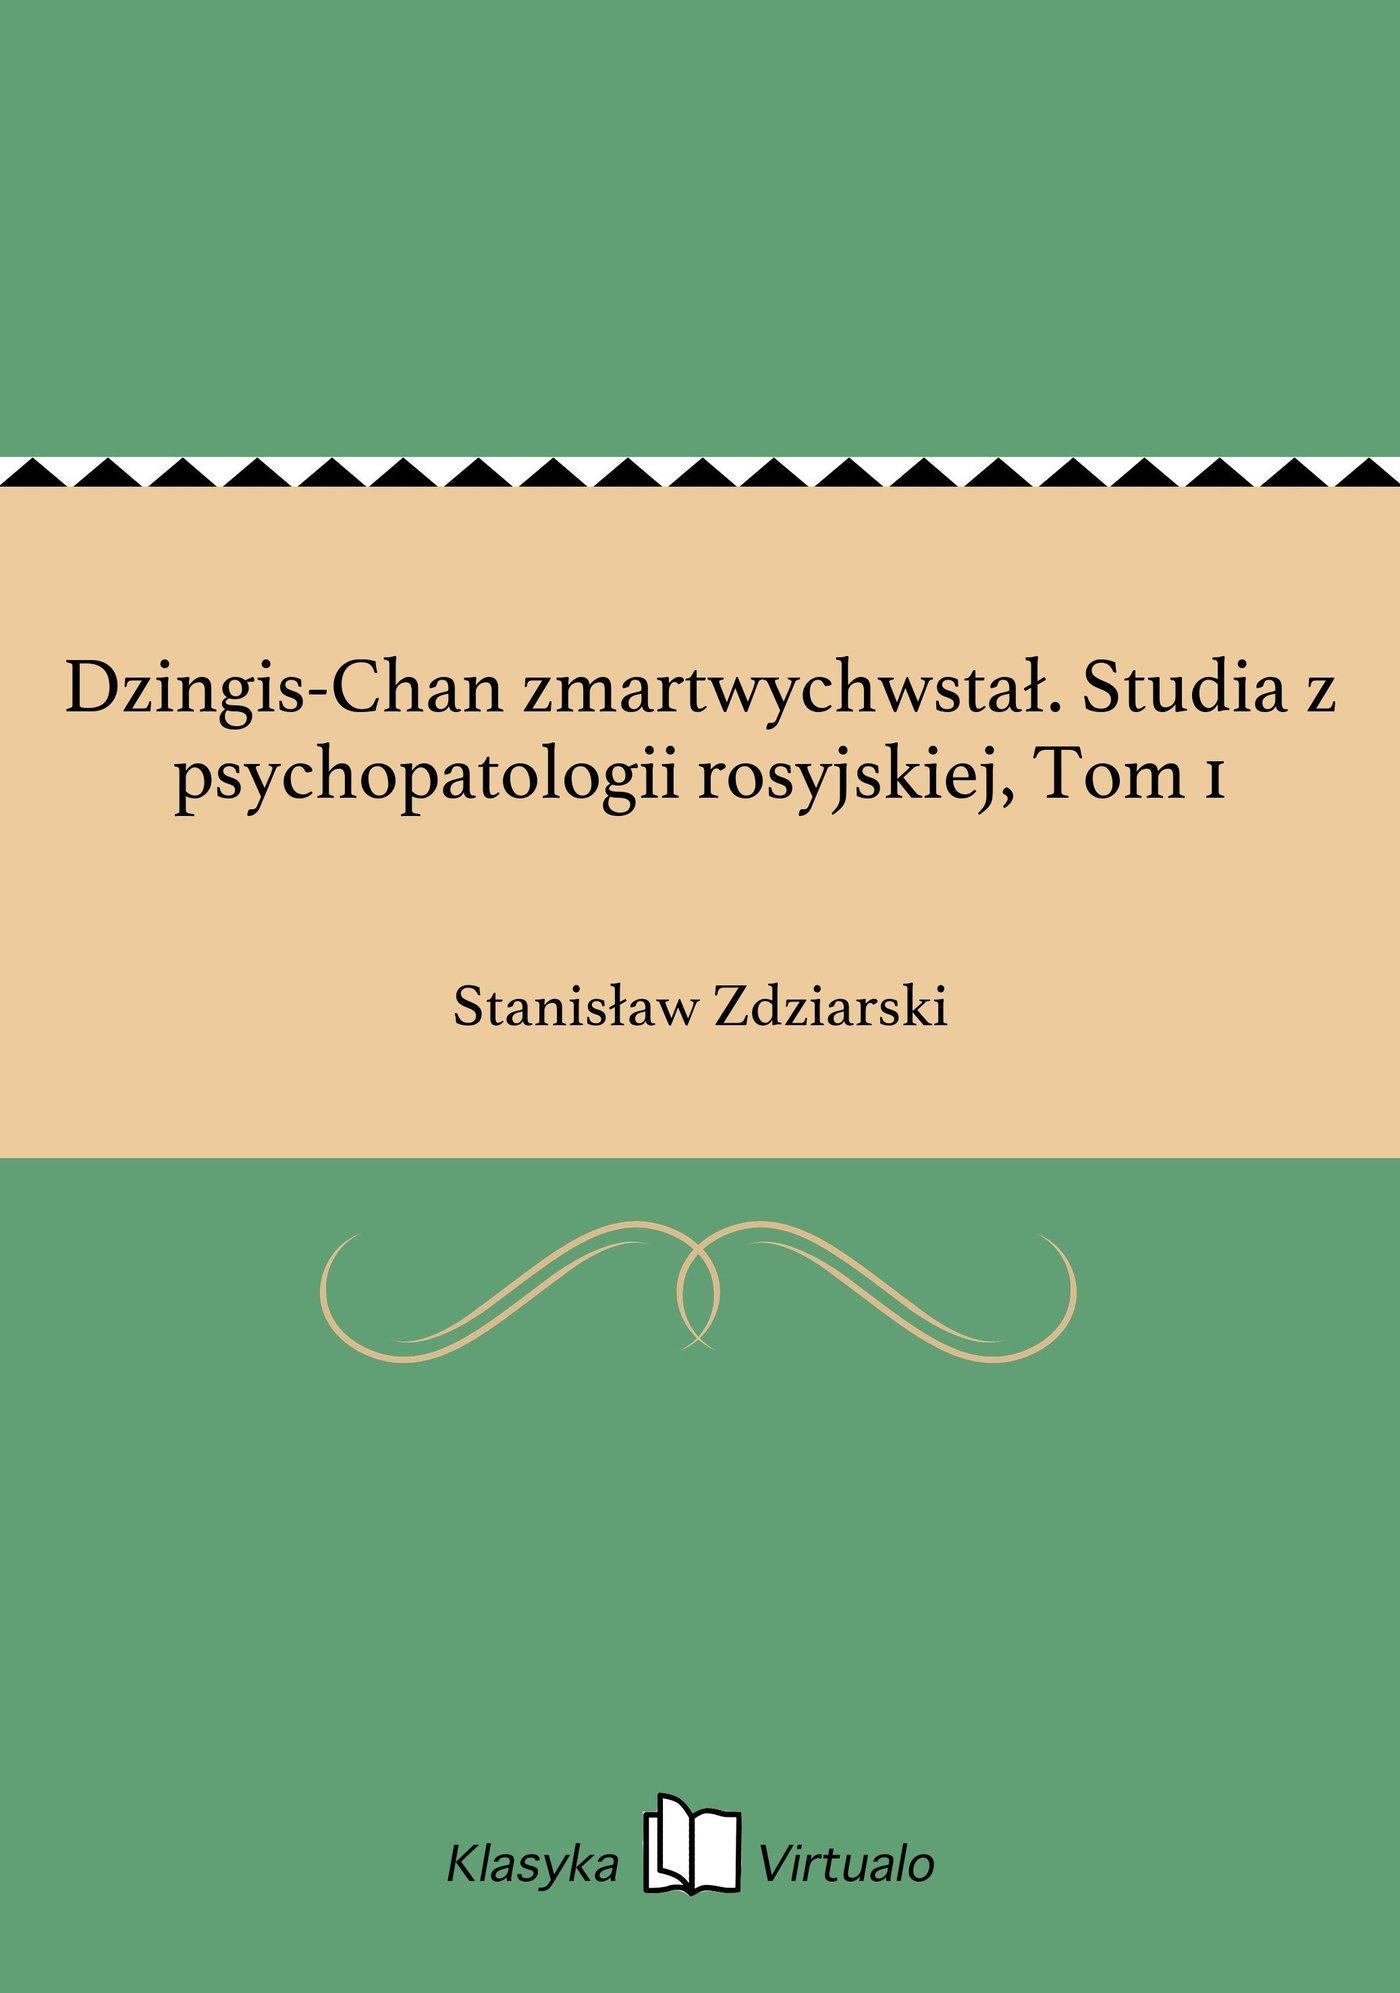 Dzingis-Chan zmartwychwstał. Studia z psychopatologii rosyjskiej, Tom 1 - Ebook (Książka EPUB) do pobrania w formacie EPUB